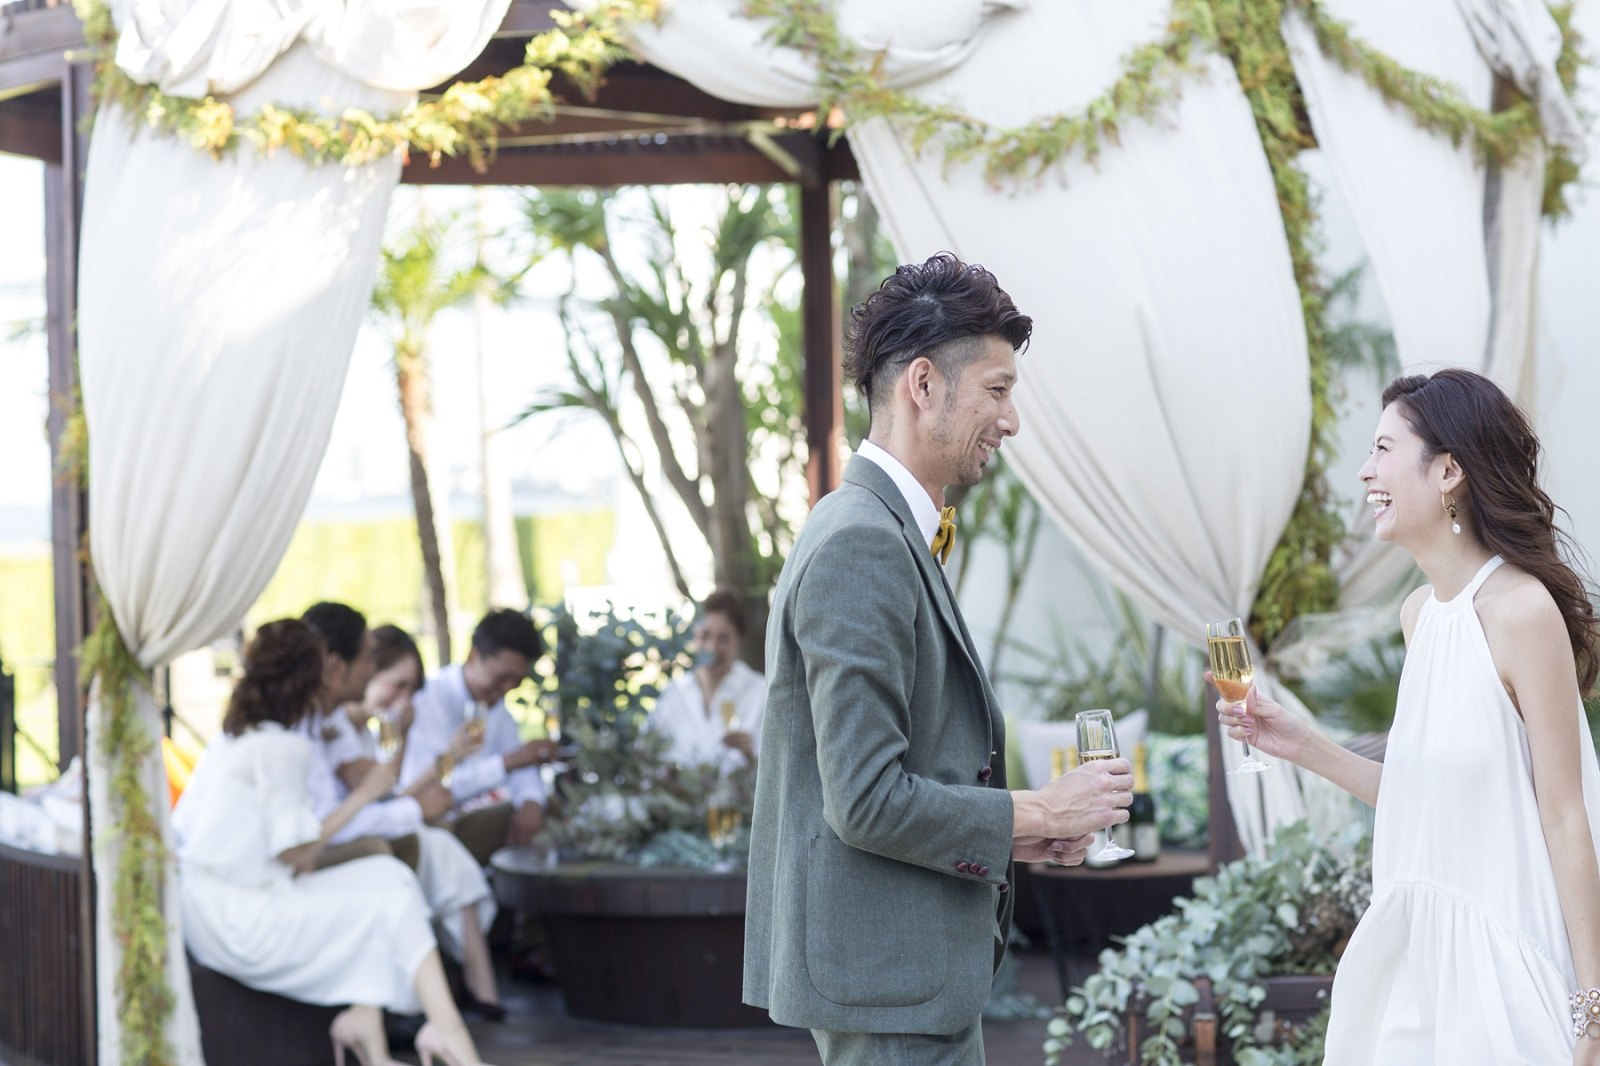 併設されたガーデンでの結婚式